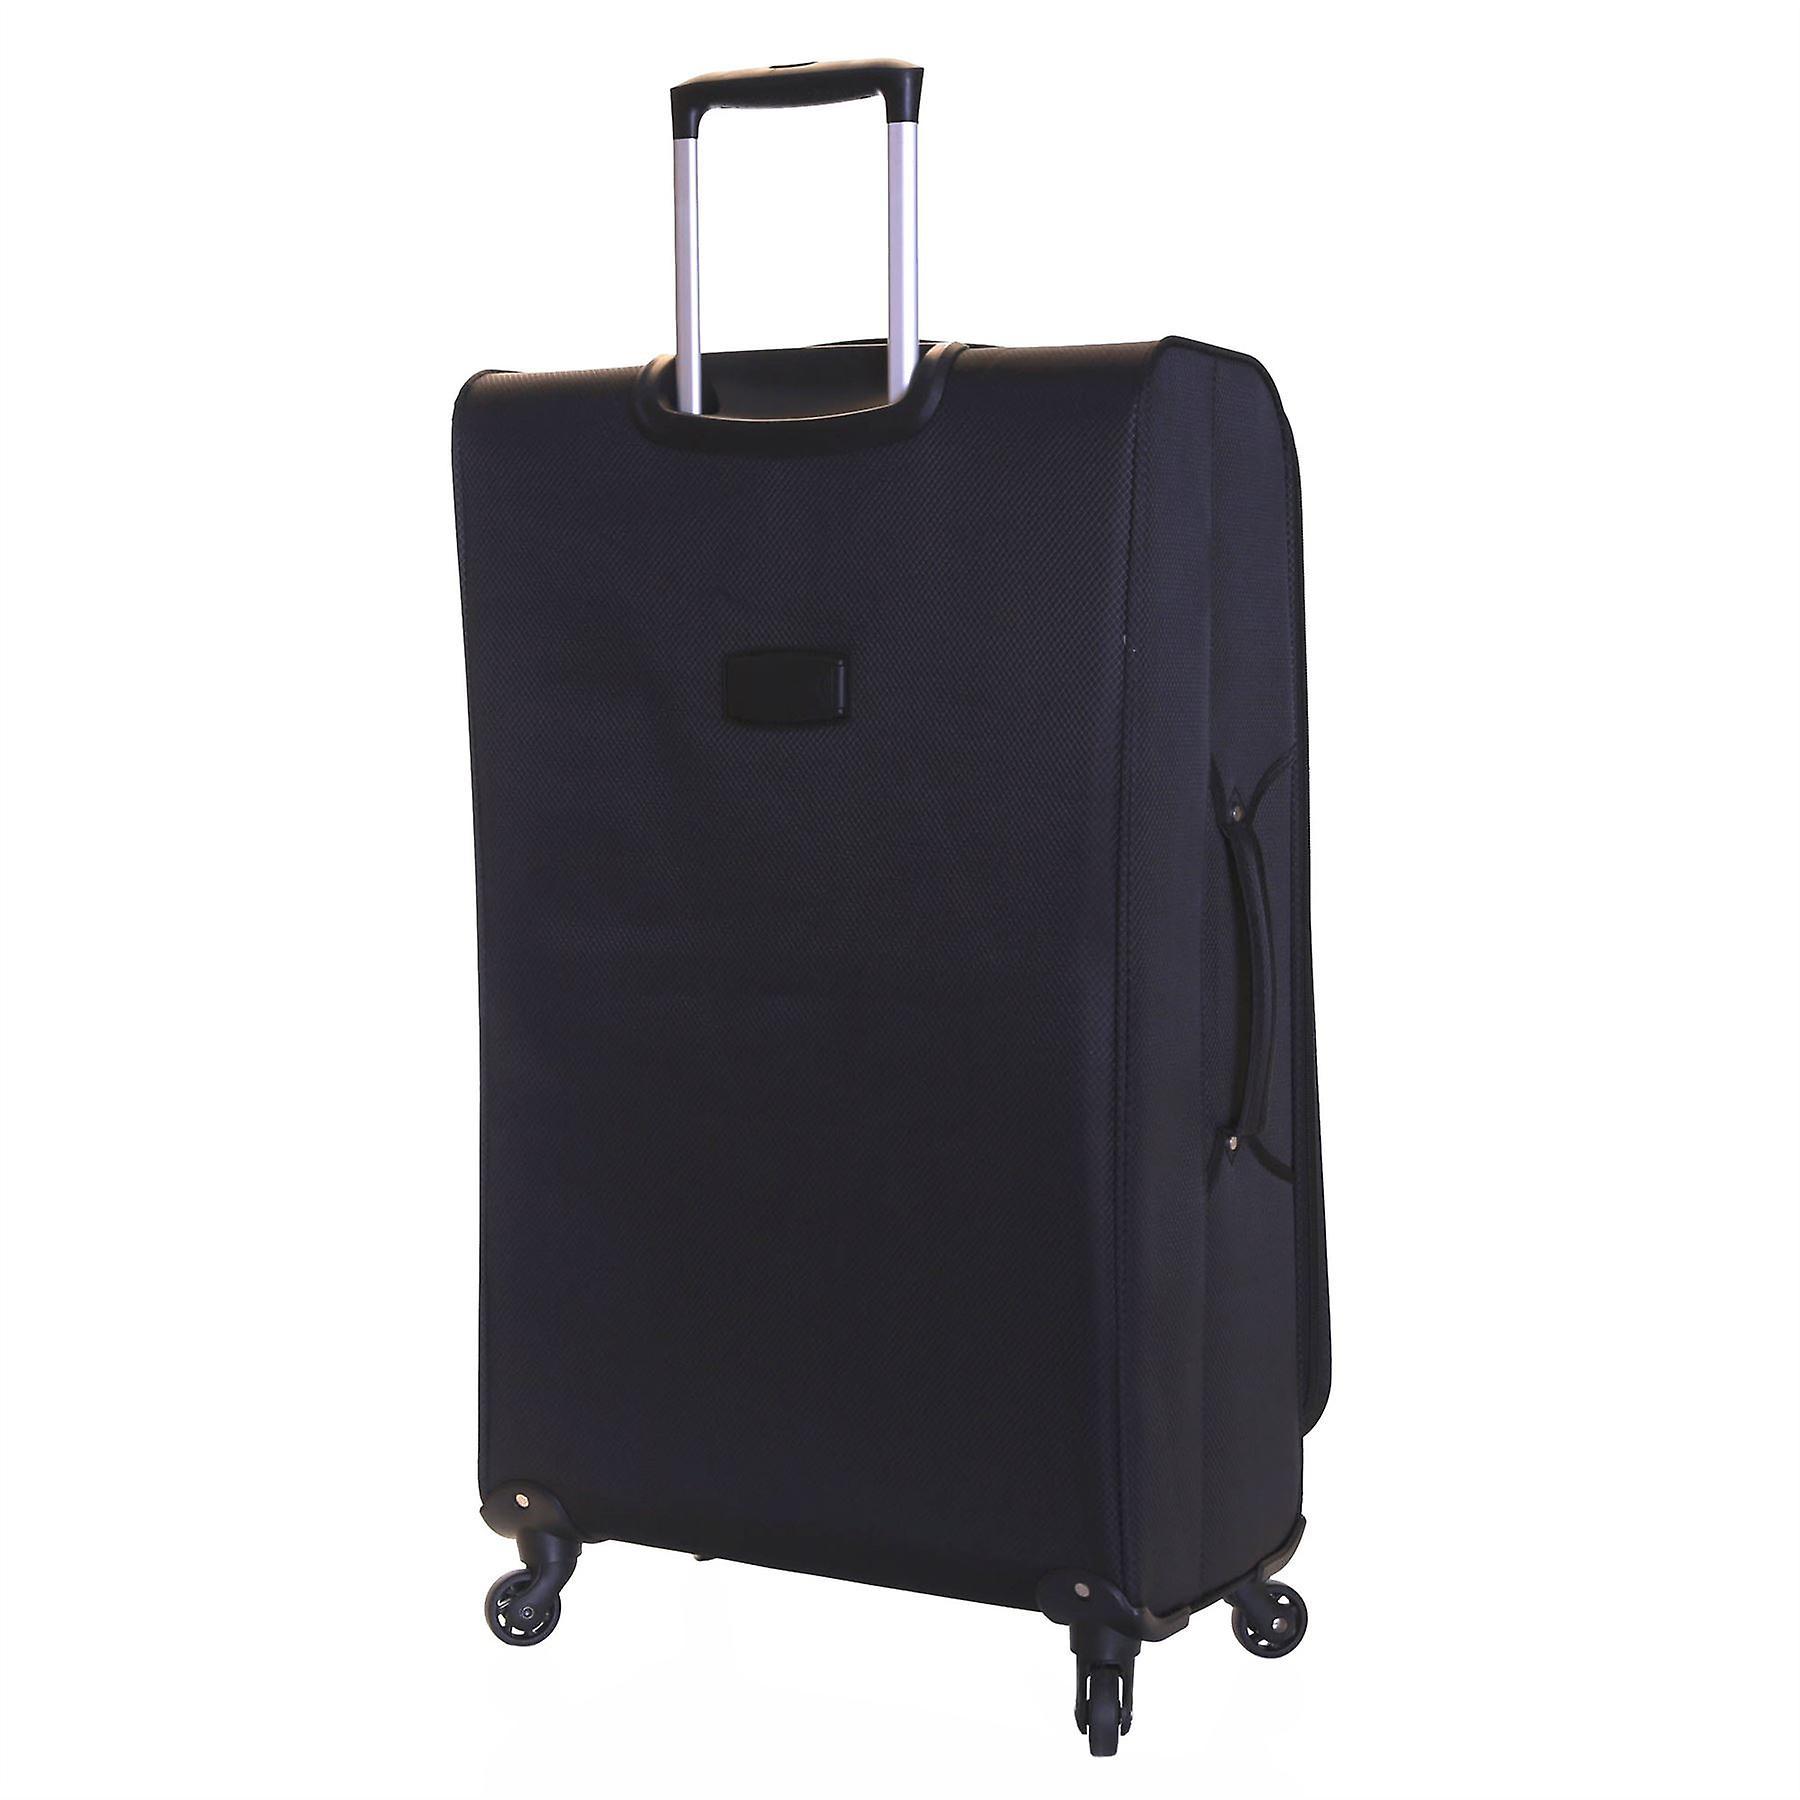 Karabar Marbella 79 cm Lightweight Suitcase, Black